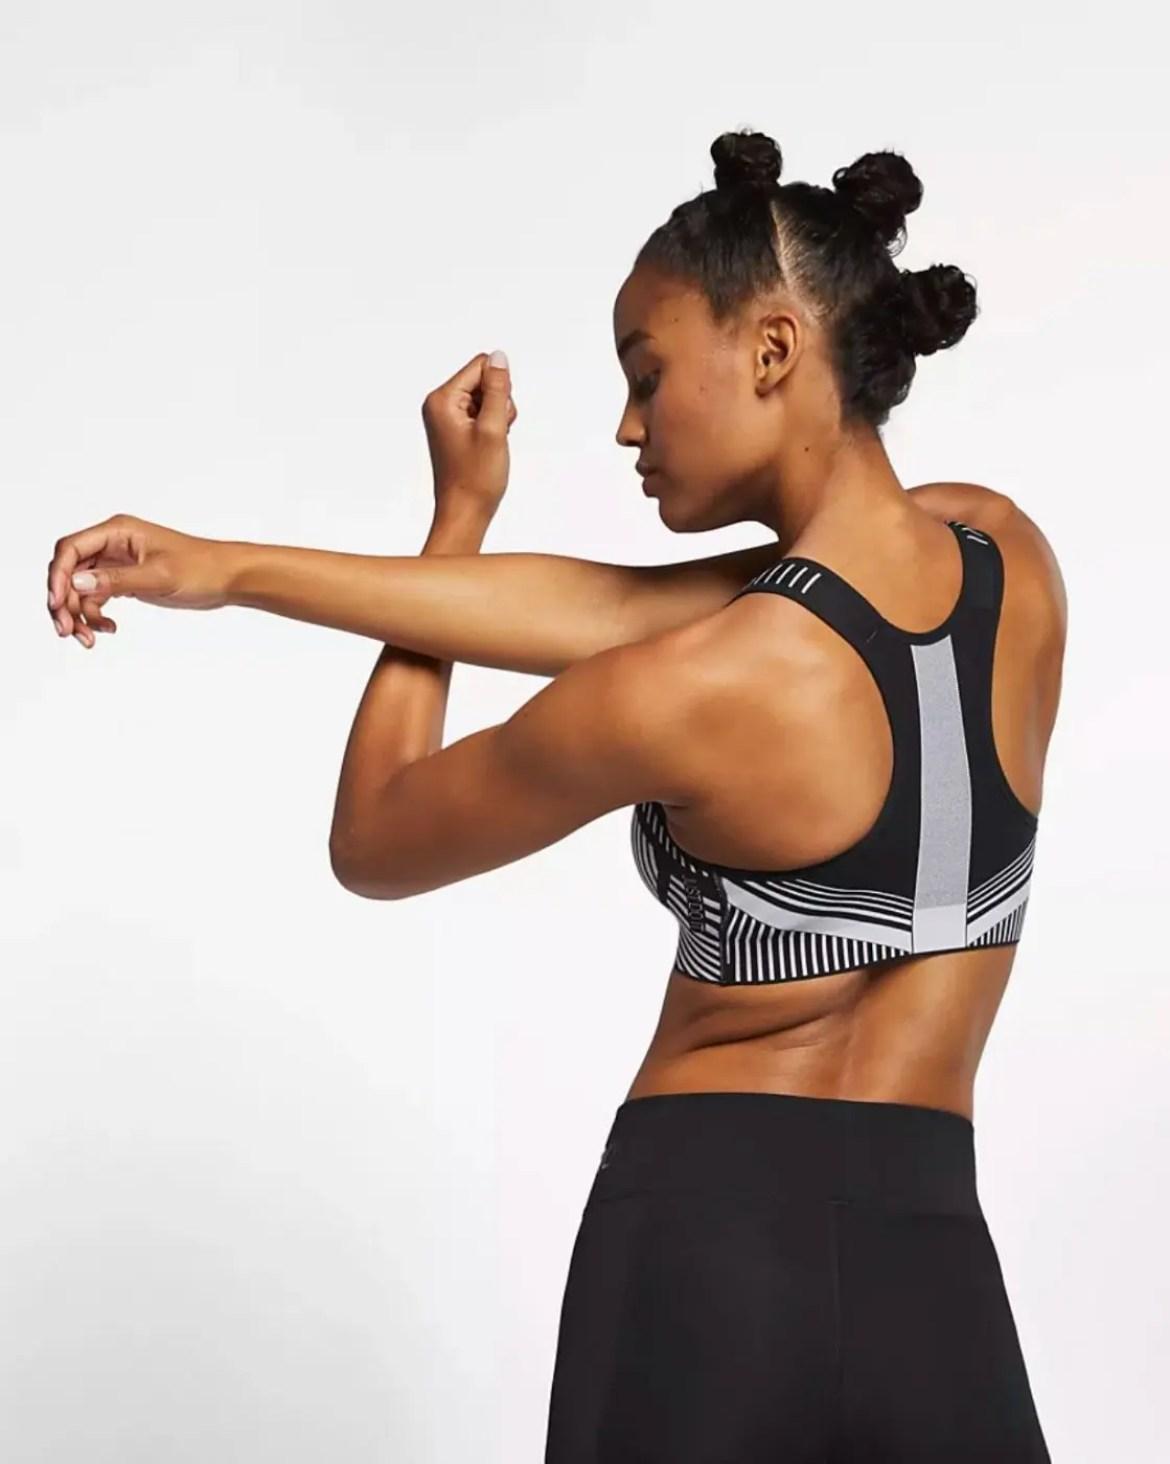 Nike Women's High Support Sports Bra Nike FE NOM Flyknit-10